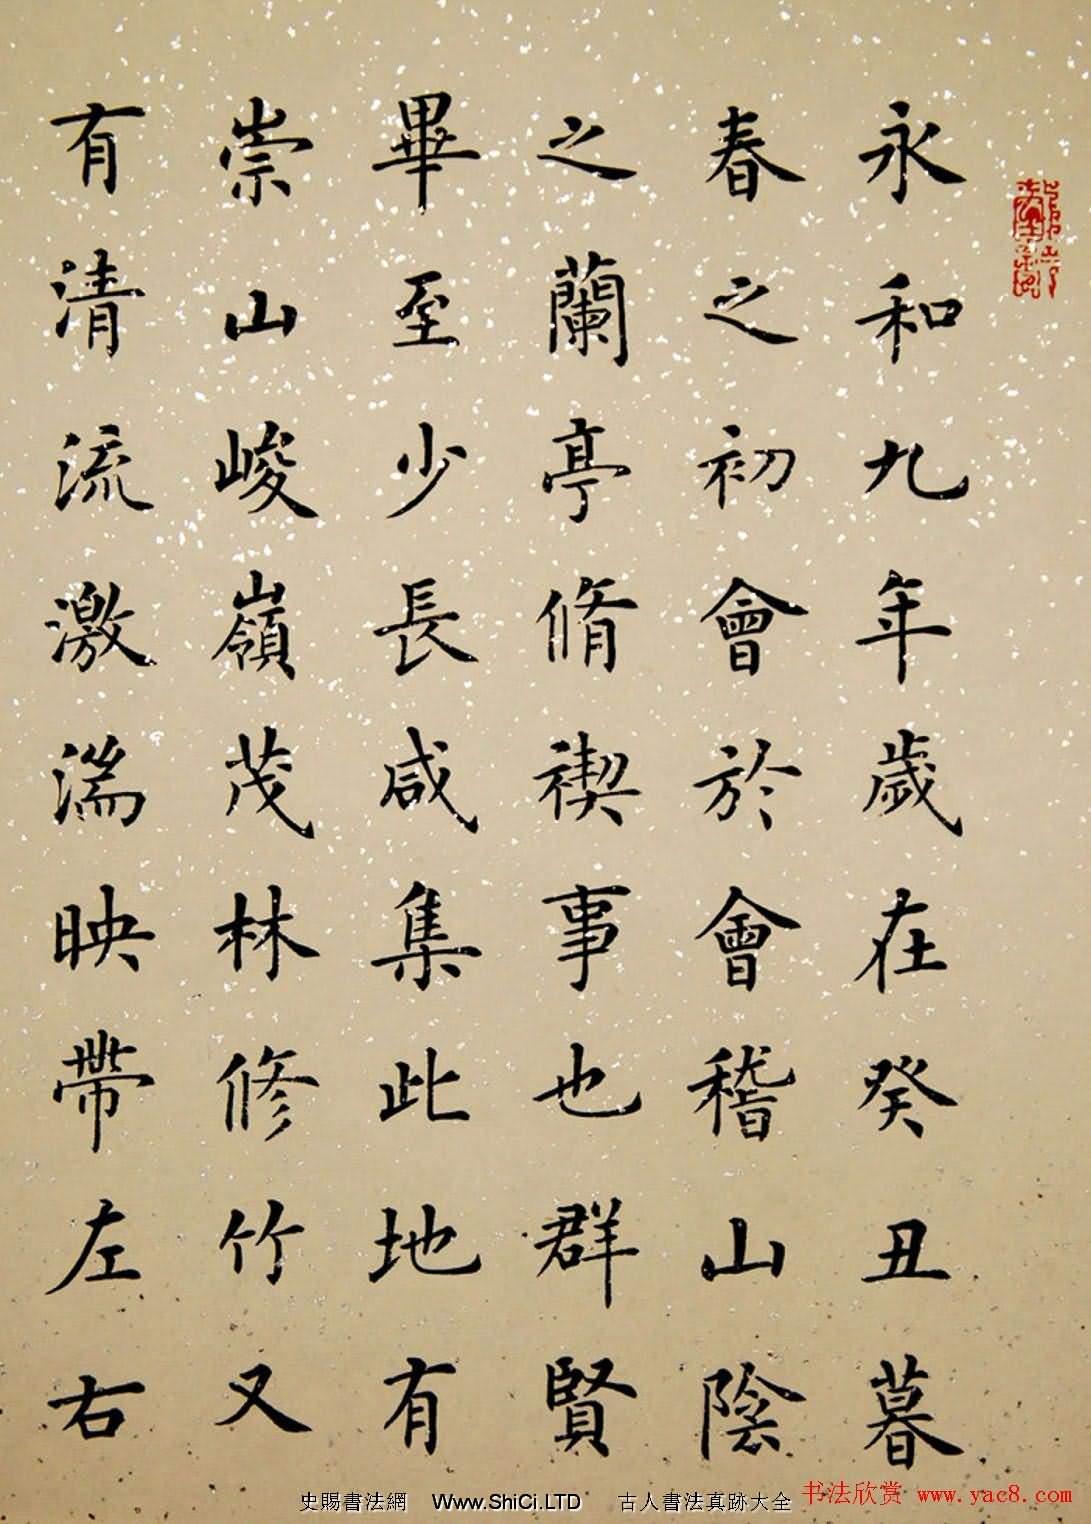 楊華書法小楷字帖《蘭亭序》(共7張圖片)